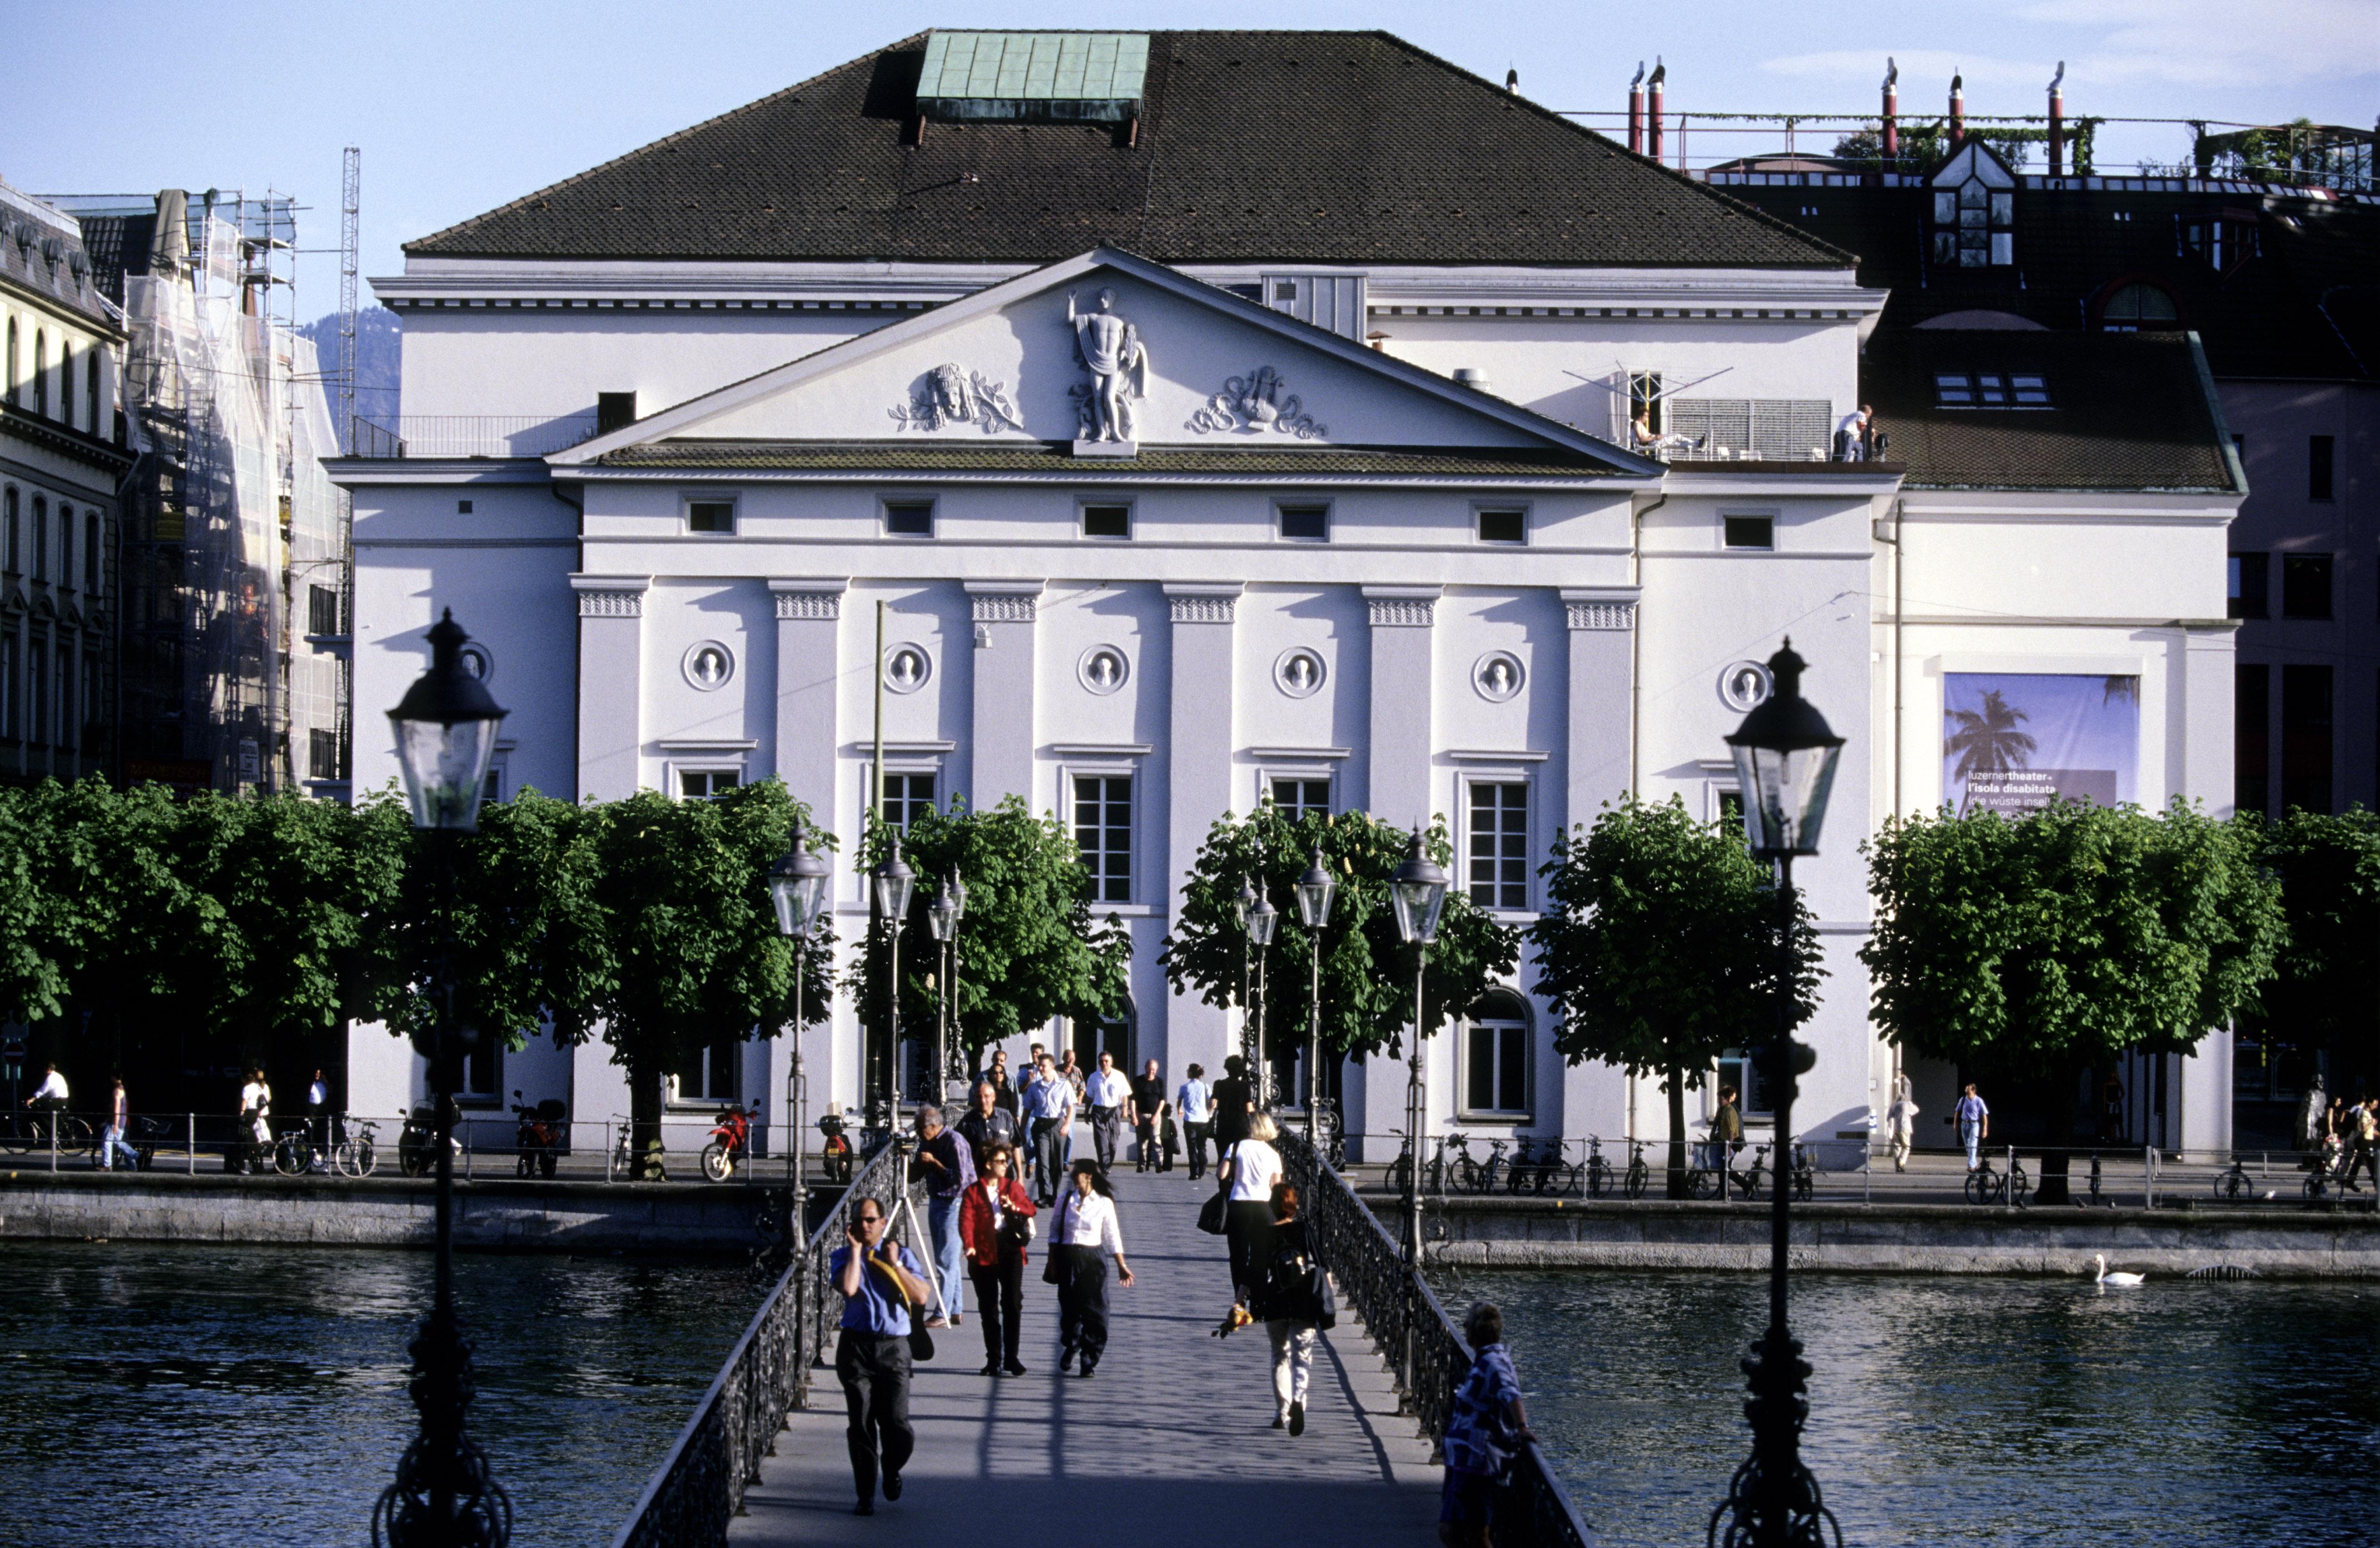 Steht anstelle des Luzerner Theaters in einigen Jahren die Neue Theaterinfrastruktur alias Salle Modulable?